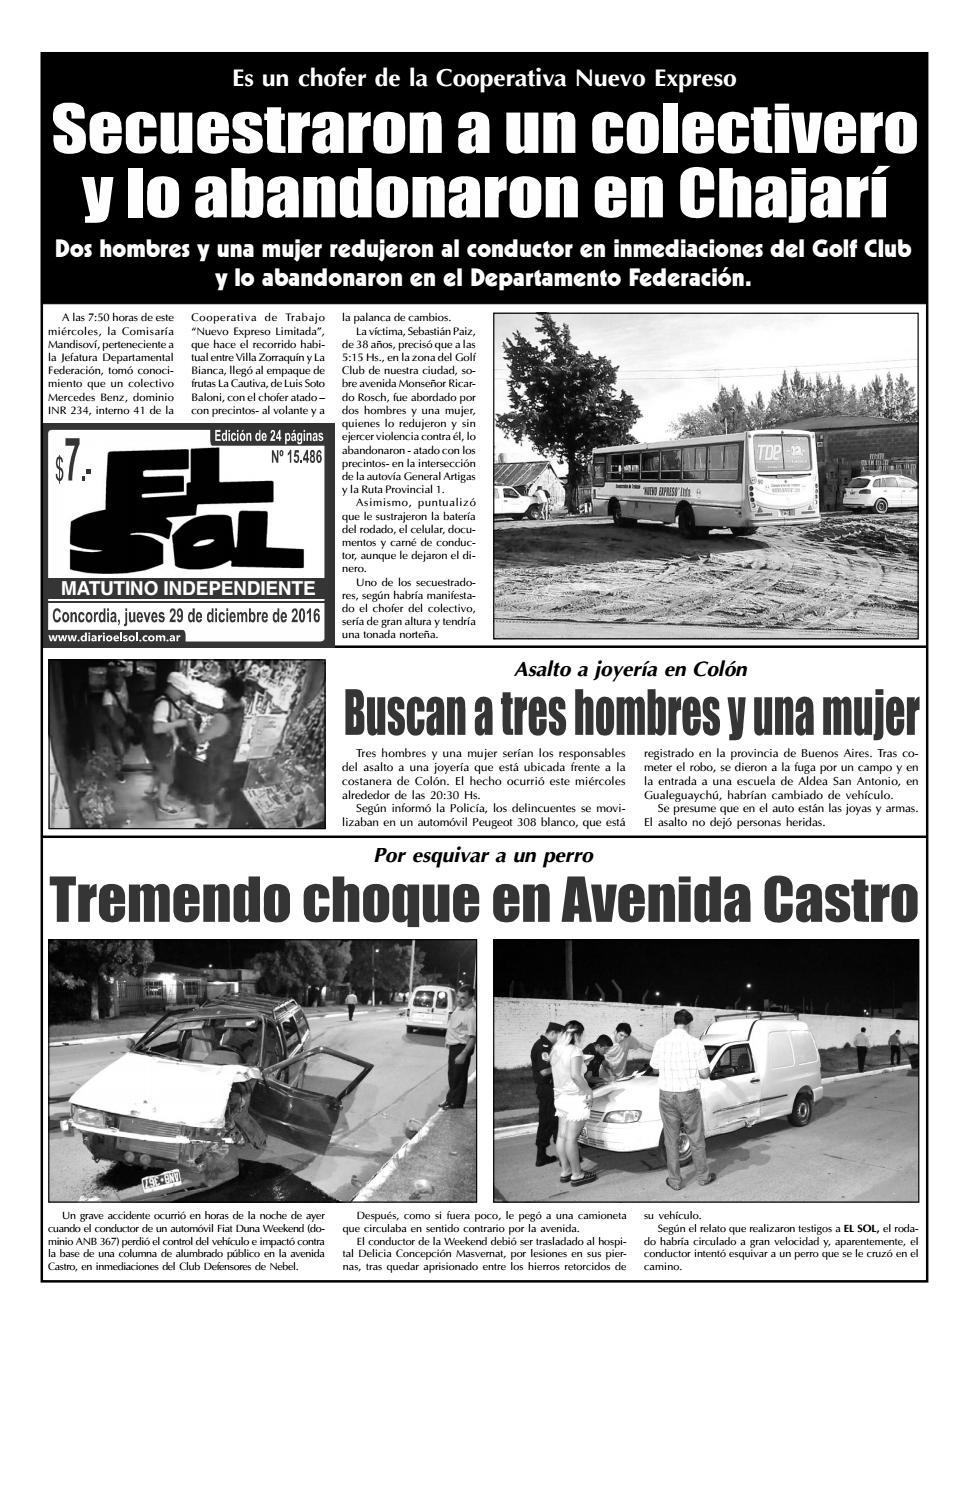 Diario El Sol Jueves 29 Diciembre 2016 By Diario El Sol Issuu